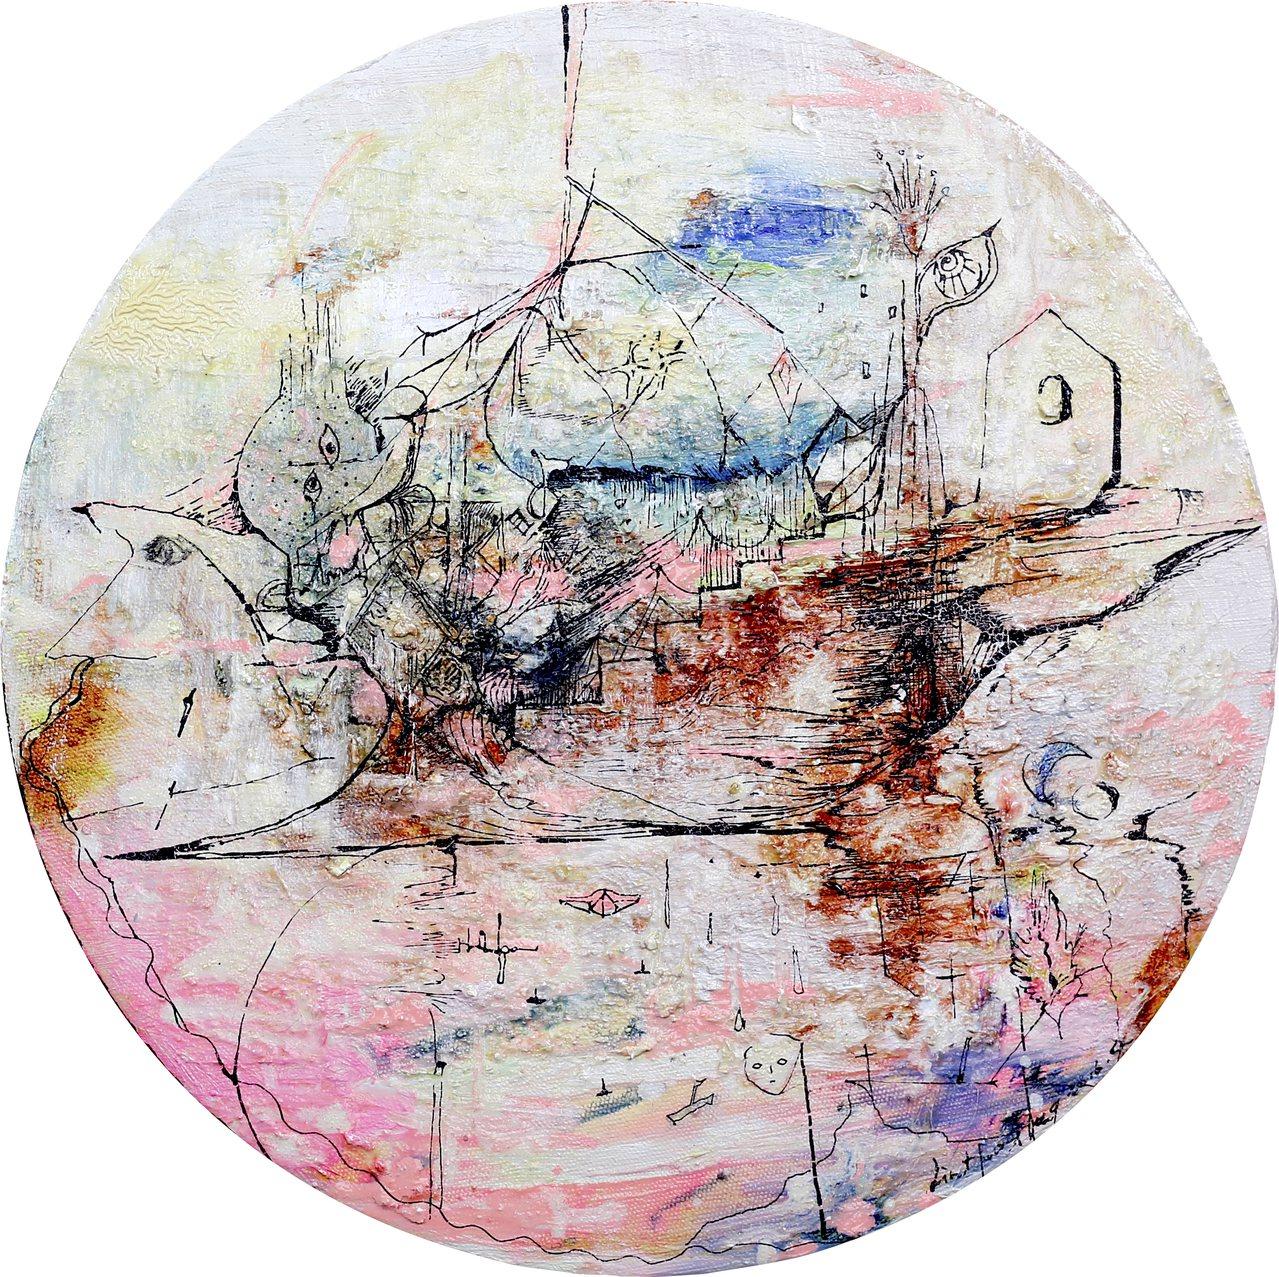 青年藝術家林慧姮於本次採訪計畫後,為秀赫所作之畫。圖/林慧姮提供